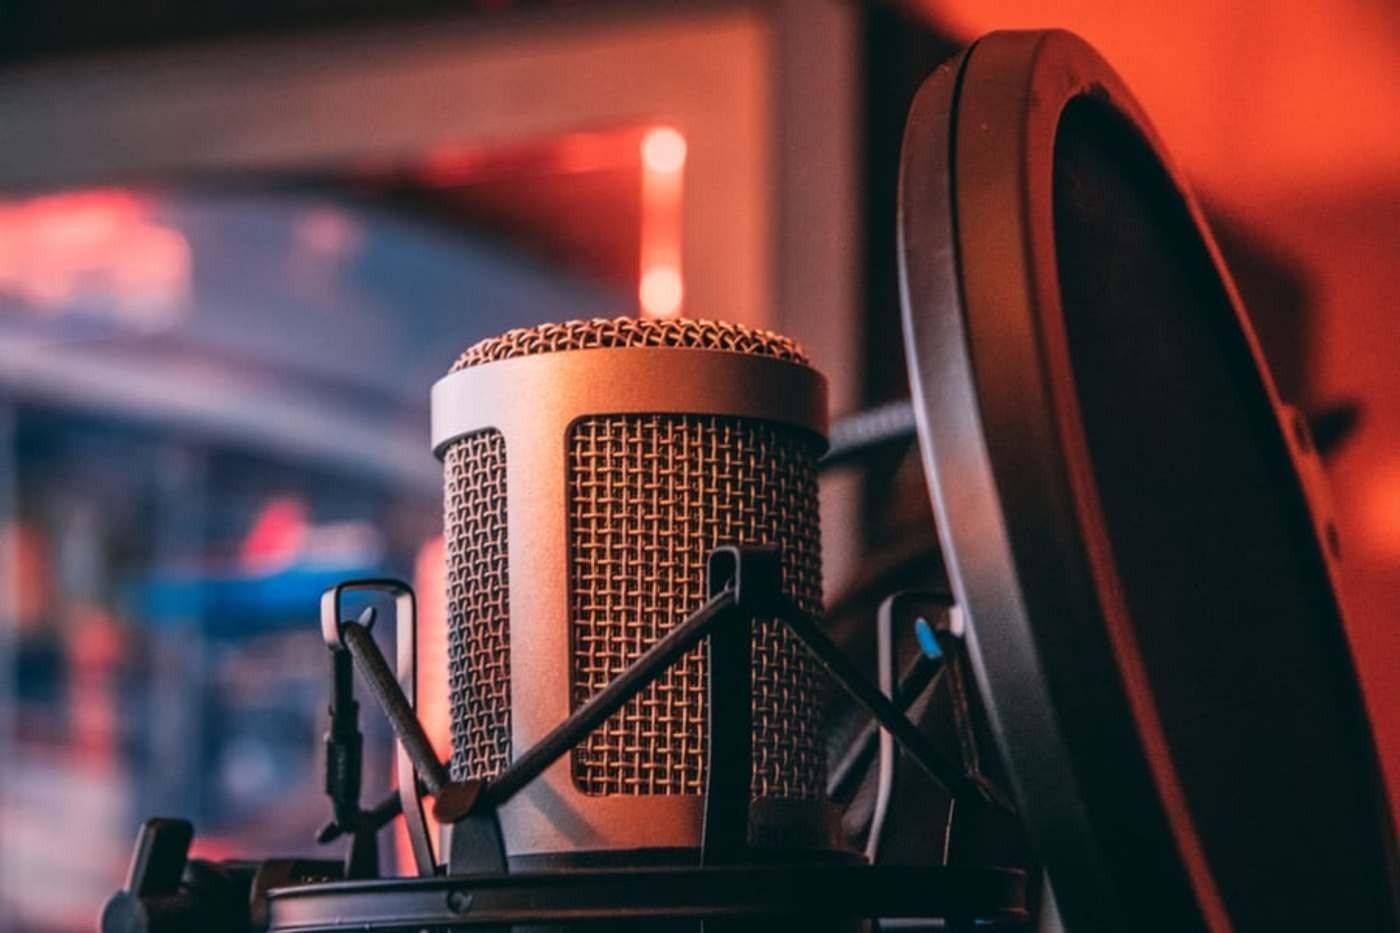 碧昂絲也開聊?唱片巨頭Sony音樂發起對Podcast內容最大投資,計劃今年推出40檔新節目